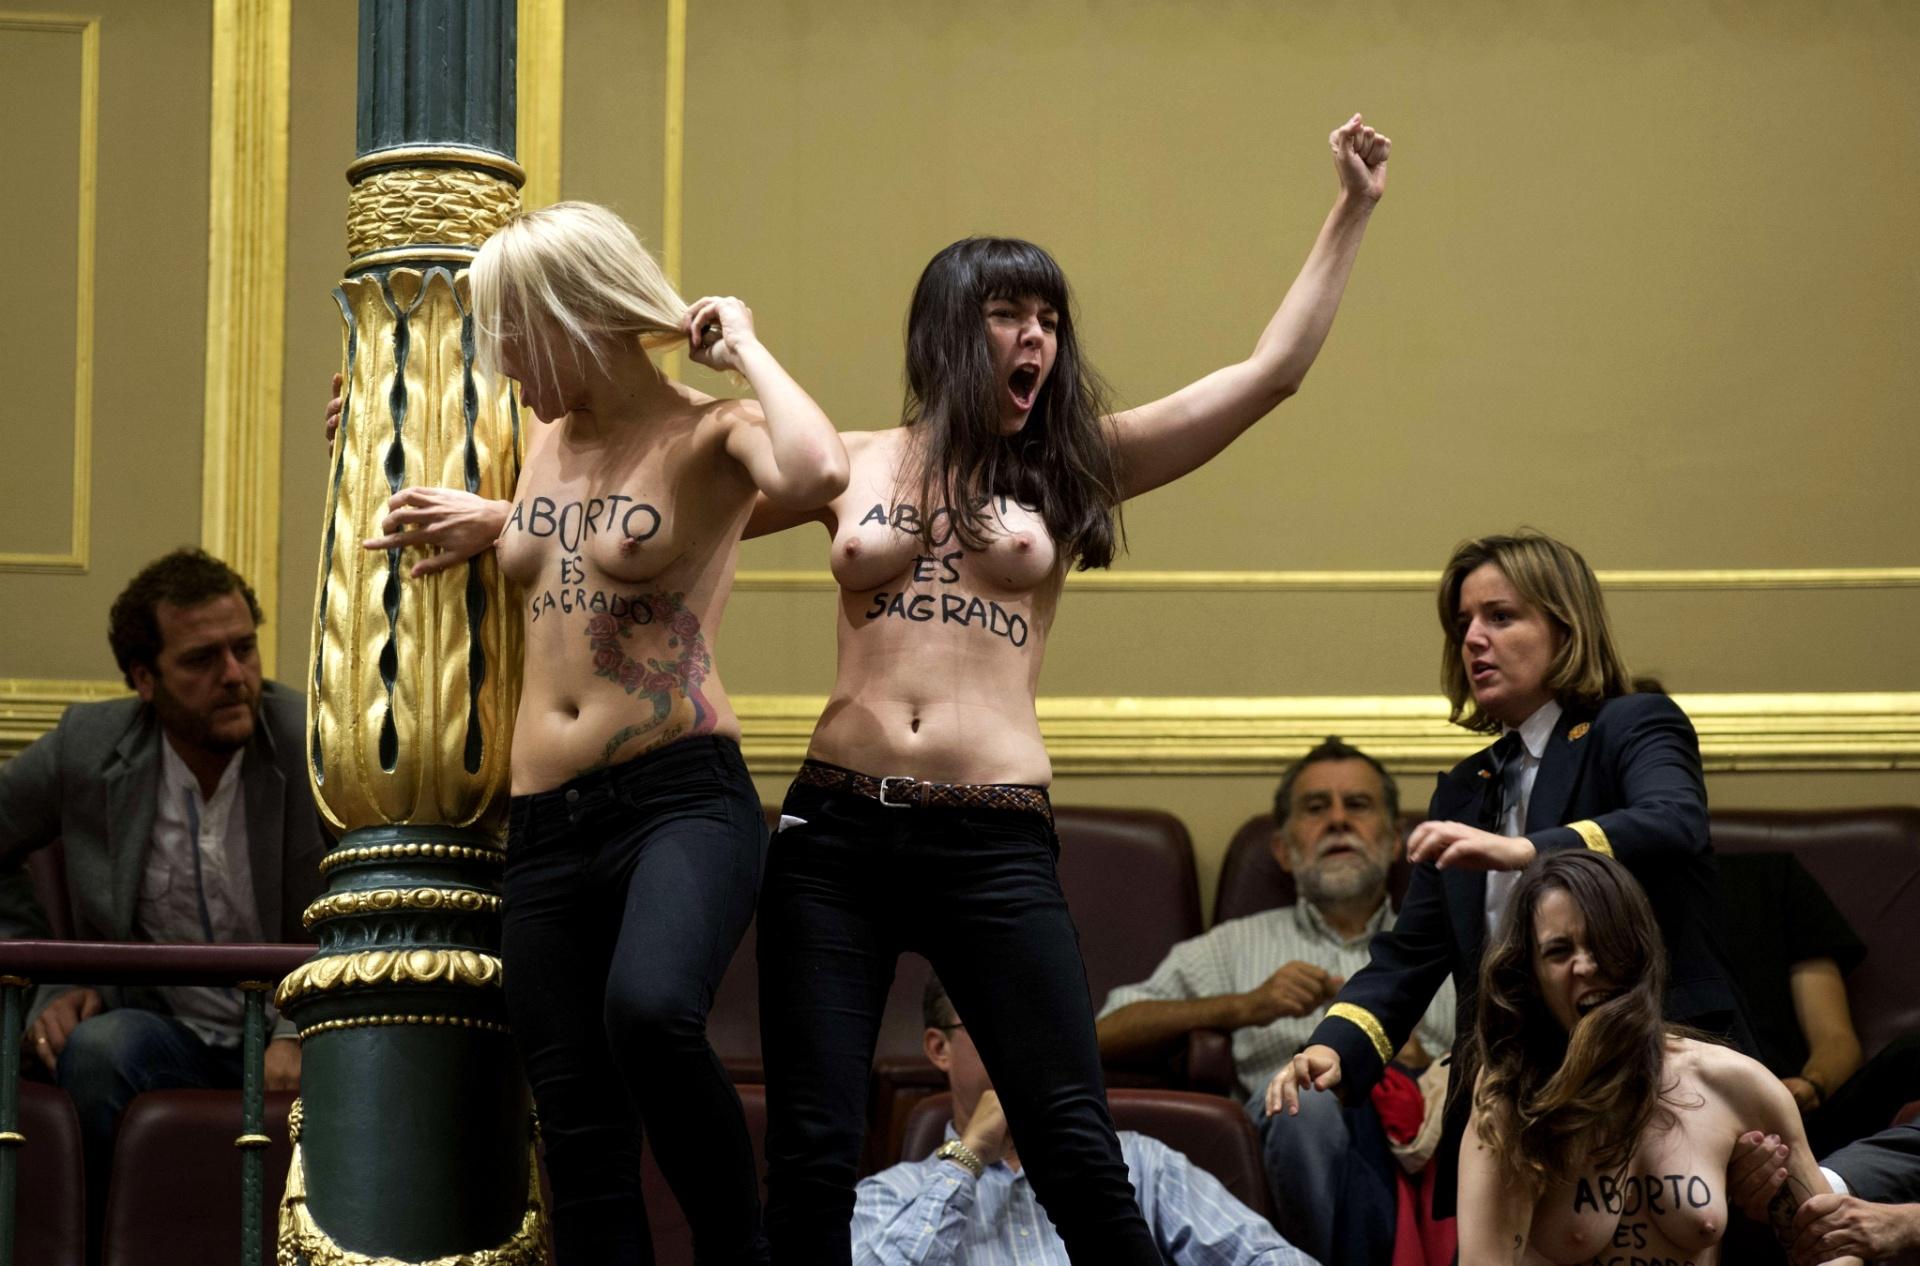 9.out.2013 - Membros do grupo ativista Femen fazem ato pró-aborto dentro do Congresso Nacional espanhol, em Madri, nesta quarta-feira (9). O presidente da câmara, Jesus Posada, determinou a retirada das ativistas depois de elas interromperem a sessão